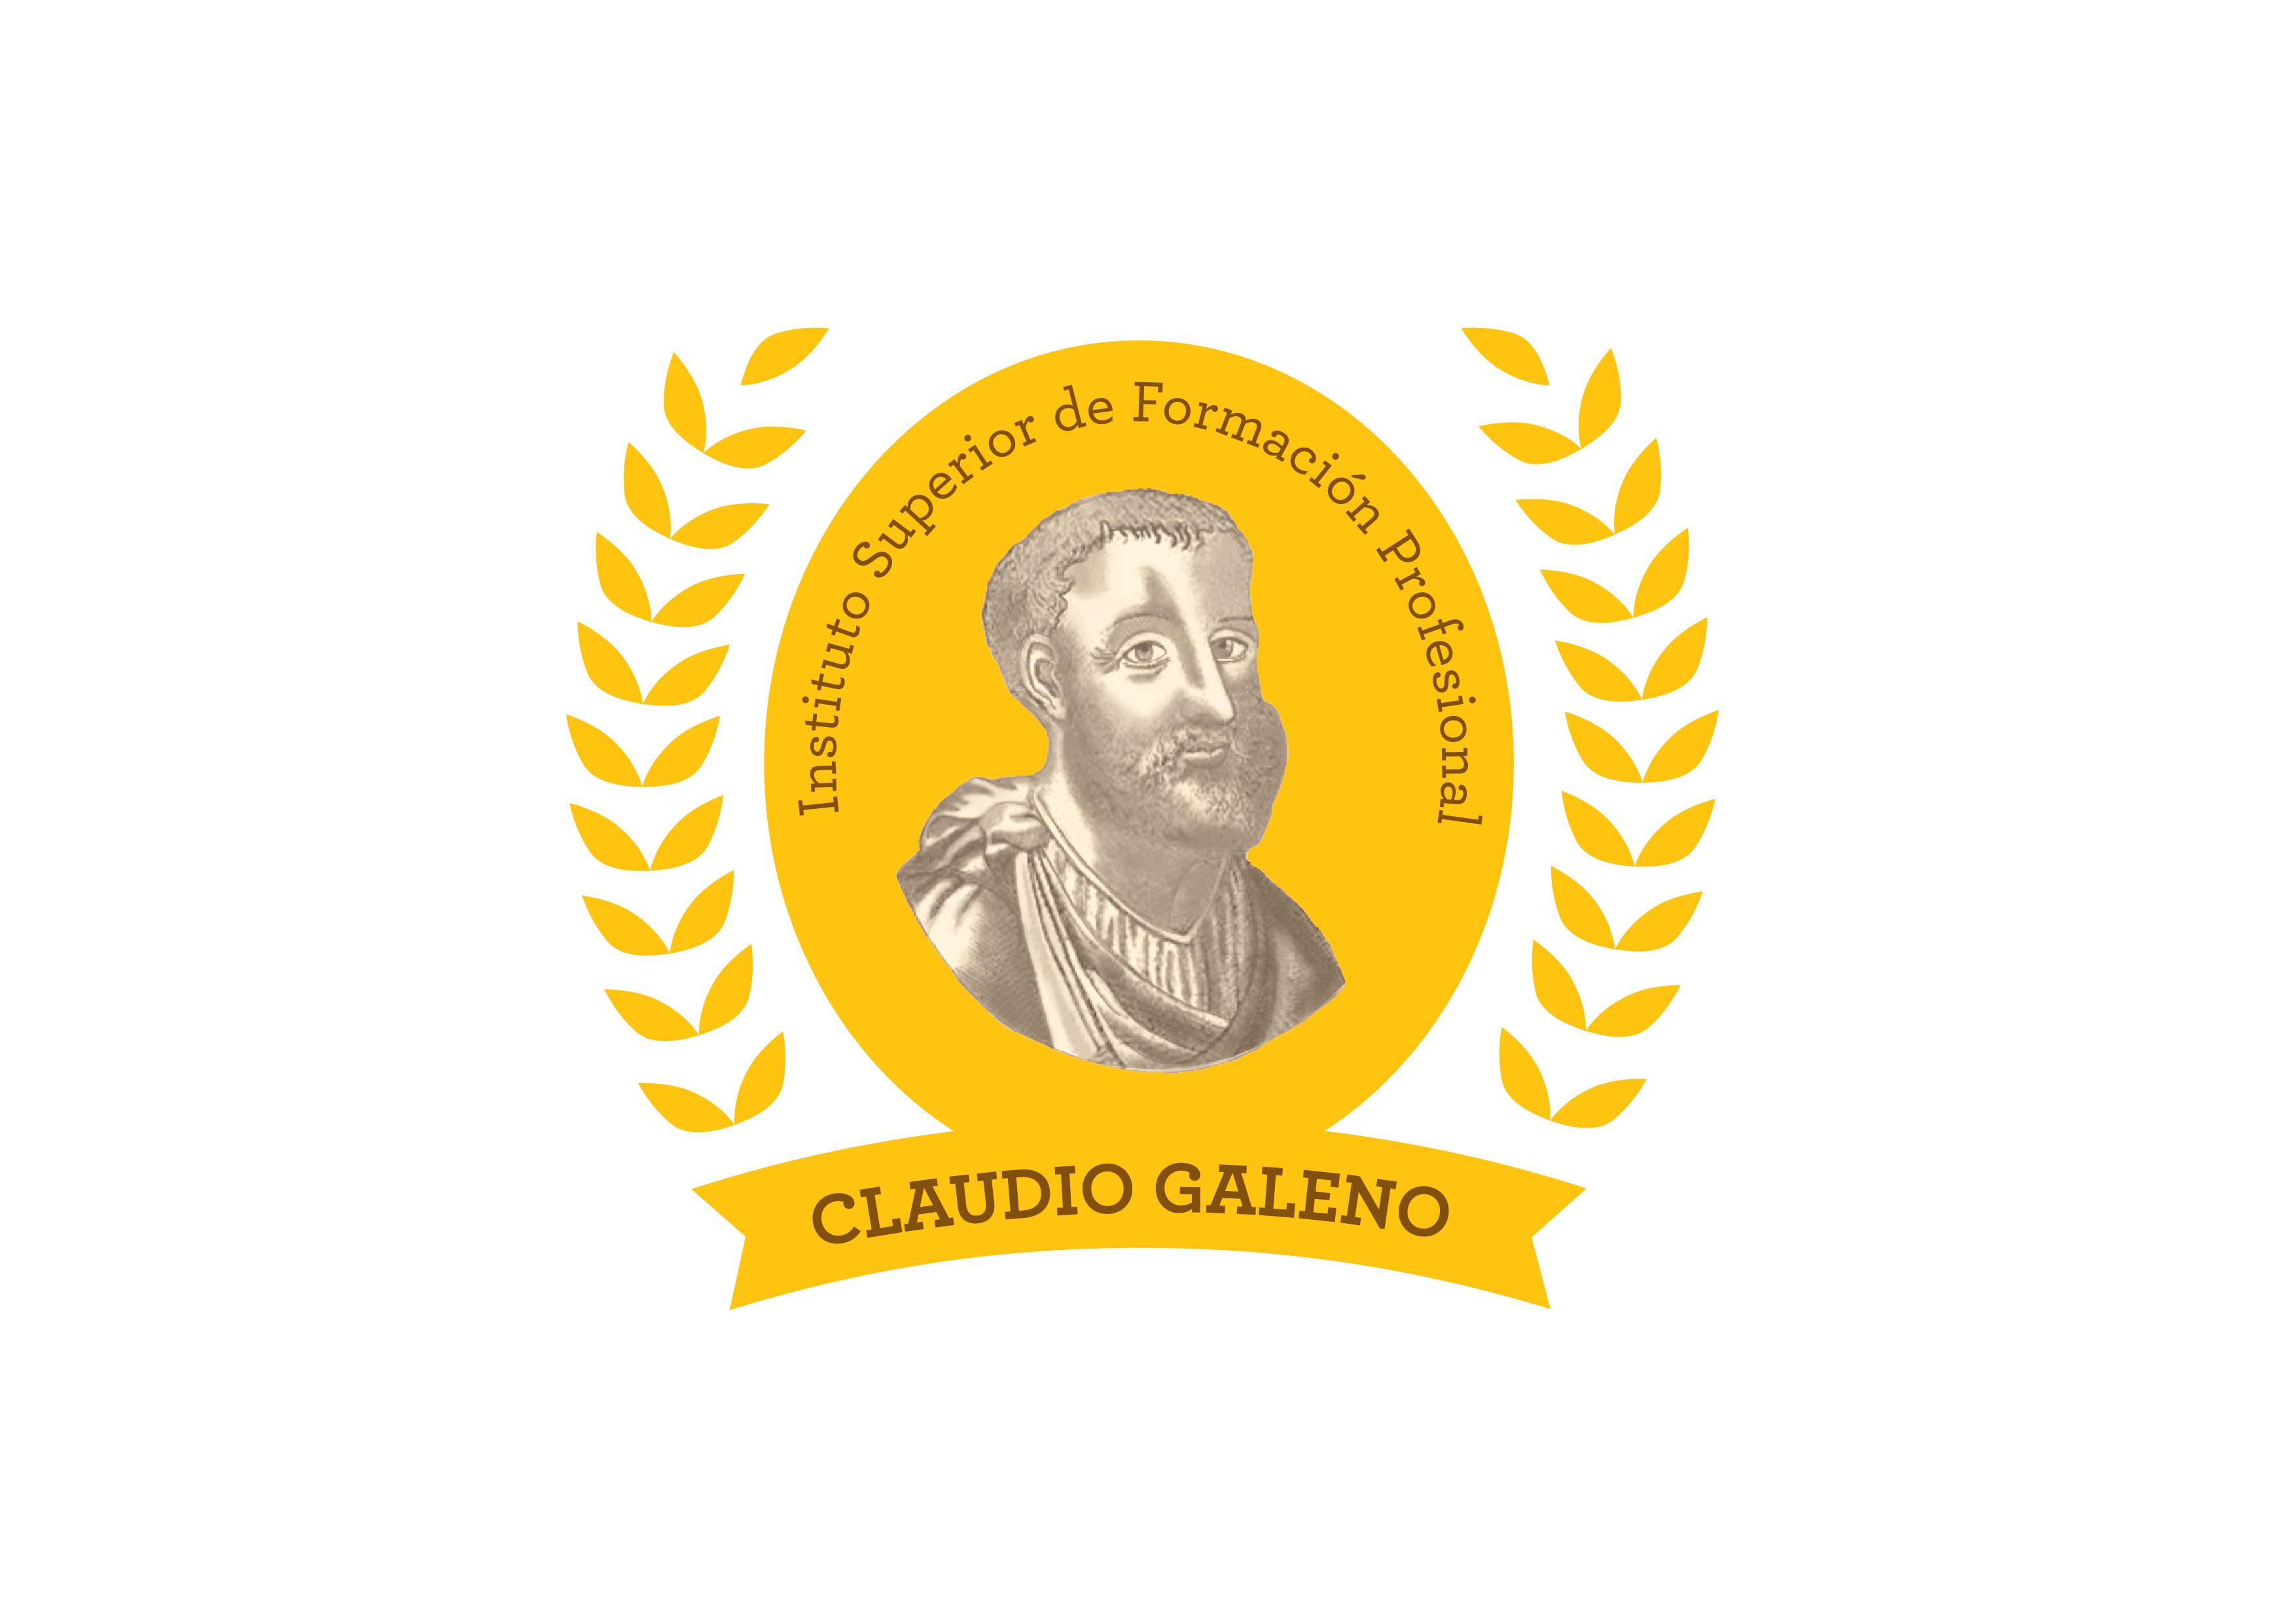 Logo INSTITUTO SUPERIOR DE FORMACIÓN PROFESIONAL SANITARIA CLAUDIO GALENO ALJUCER